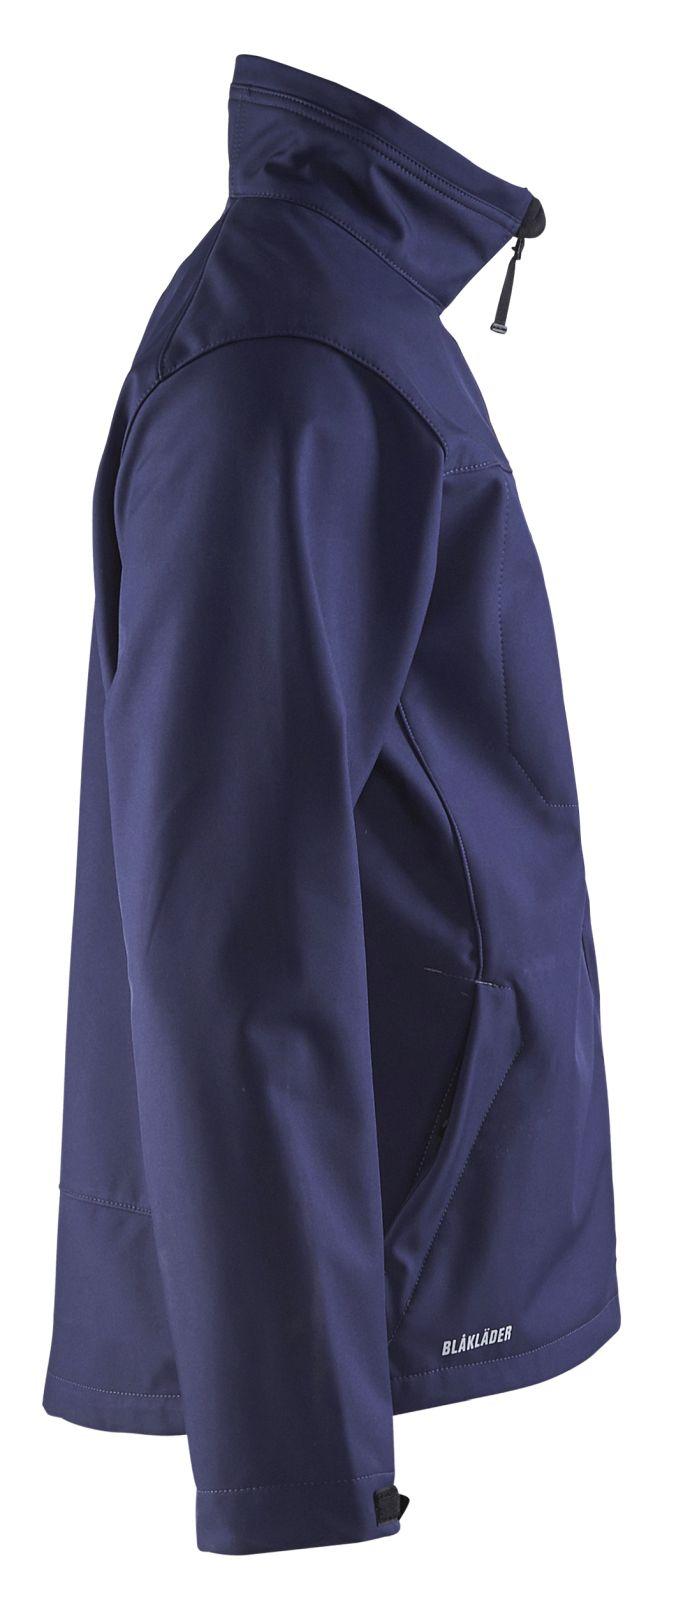 Blaklader Jassen 49512517 marineblauw(8900)